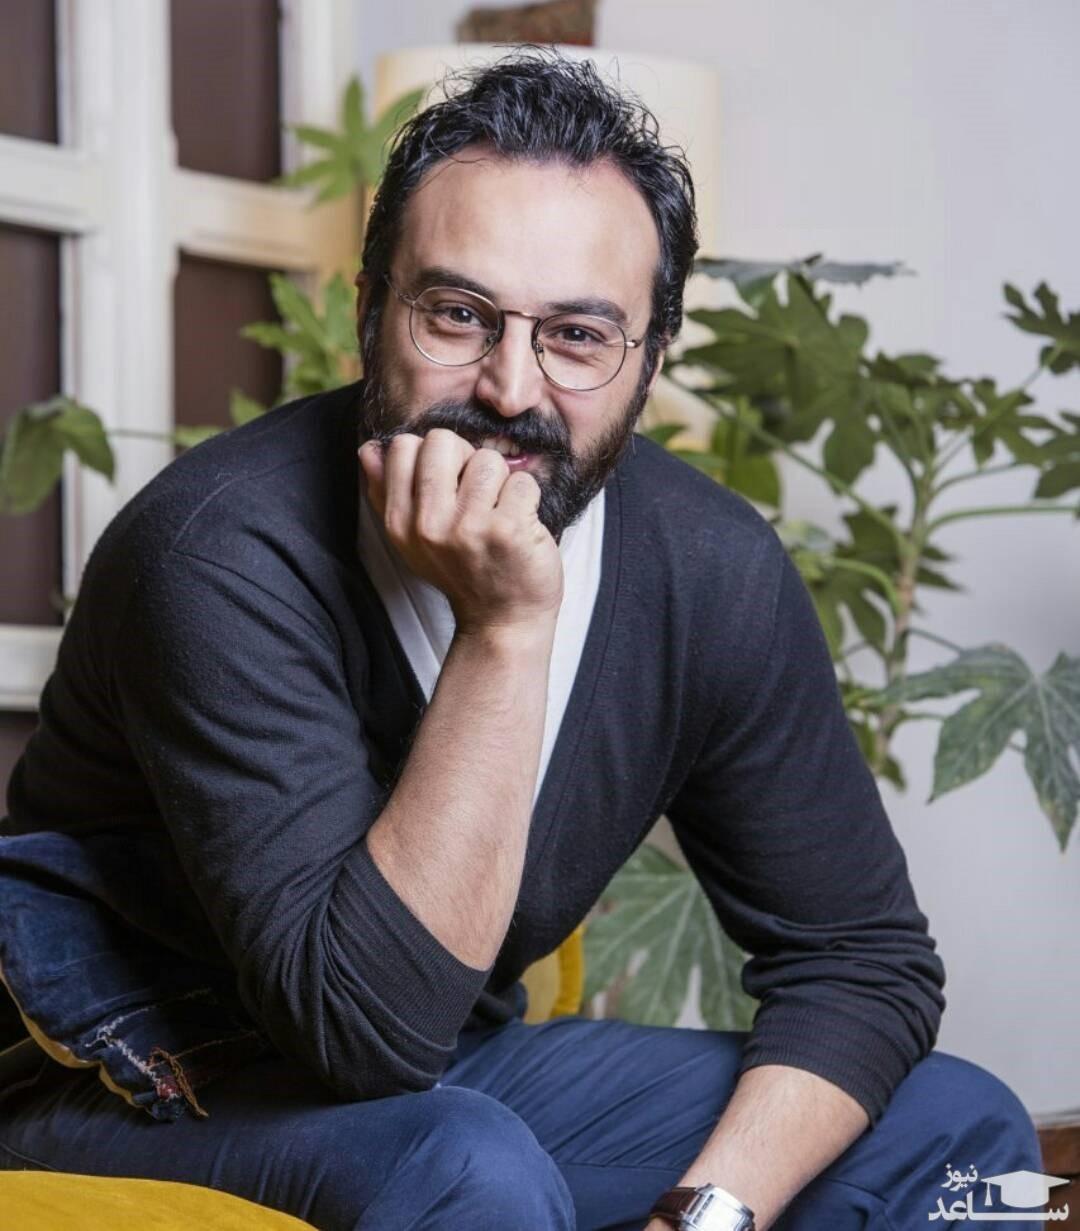 تیپ مافیایی آقایون بازیگر  مشهور در تولد 40 سالگی «کاوه خداشناس»